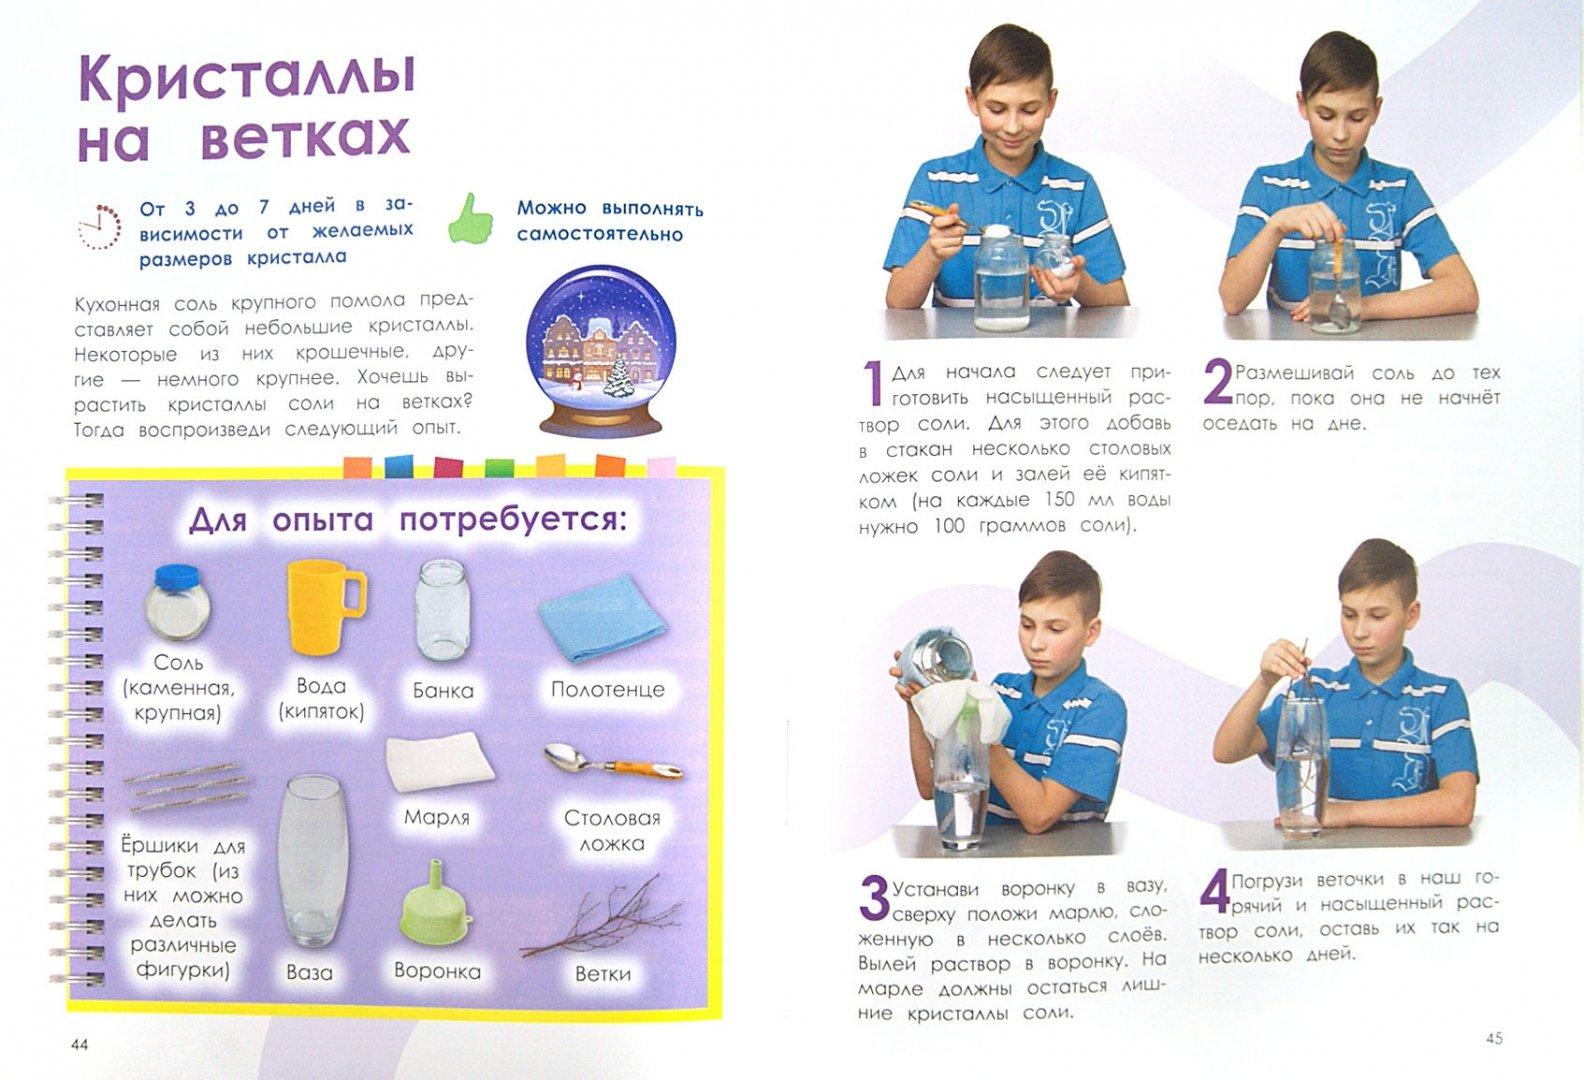 Иллюстрация 1 из 26 для Опыты по химии для школьников - Шишко, Волушевский | Лабиринт - книги. Источник: Лабиринт